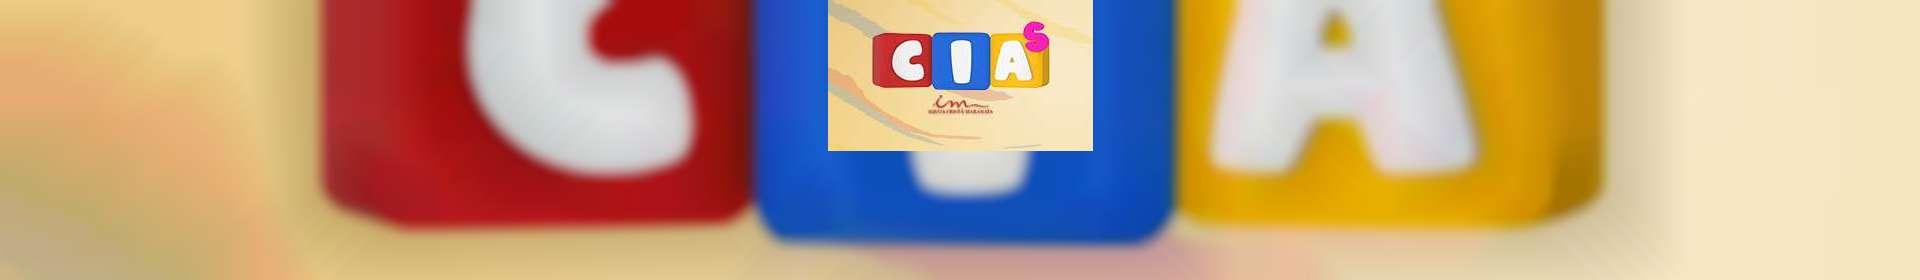 Aula de CIAS: classe de 3 a 7 anos - 23 de julho de 2020